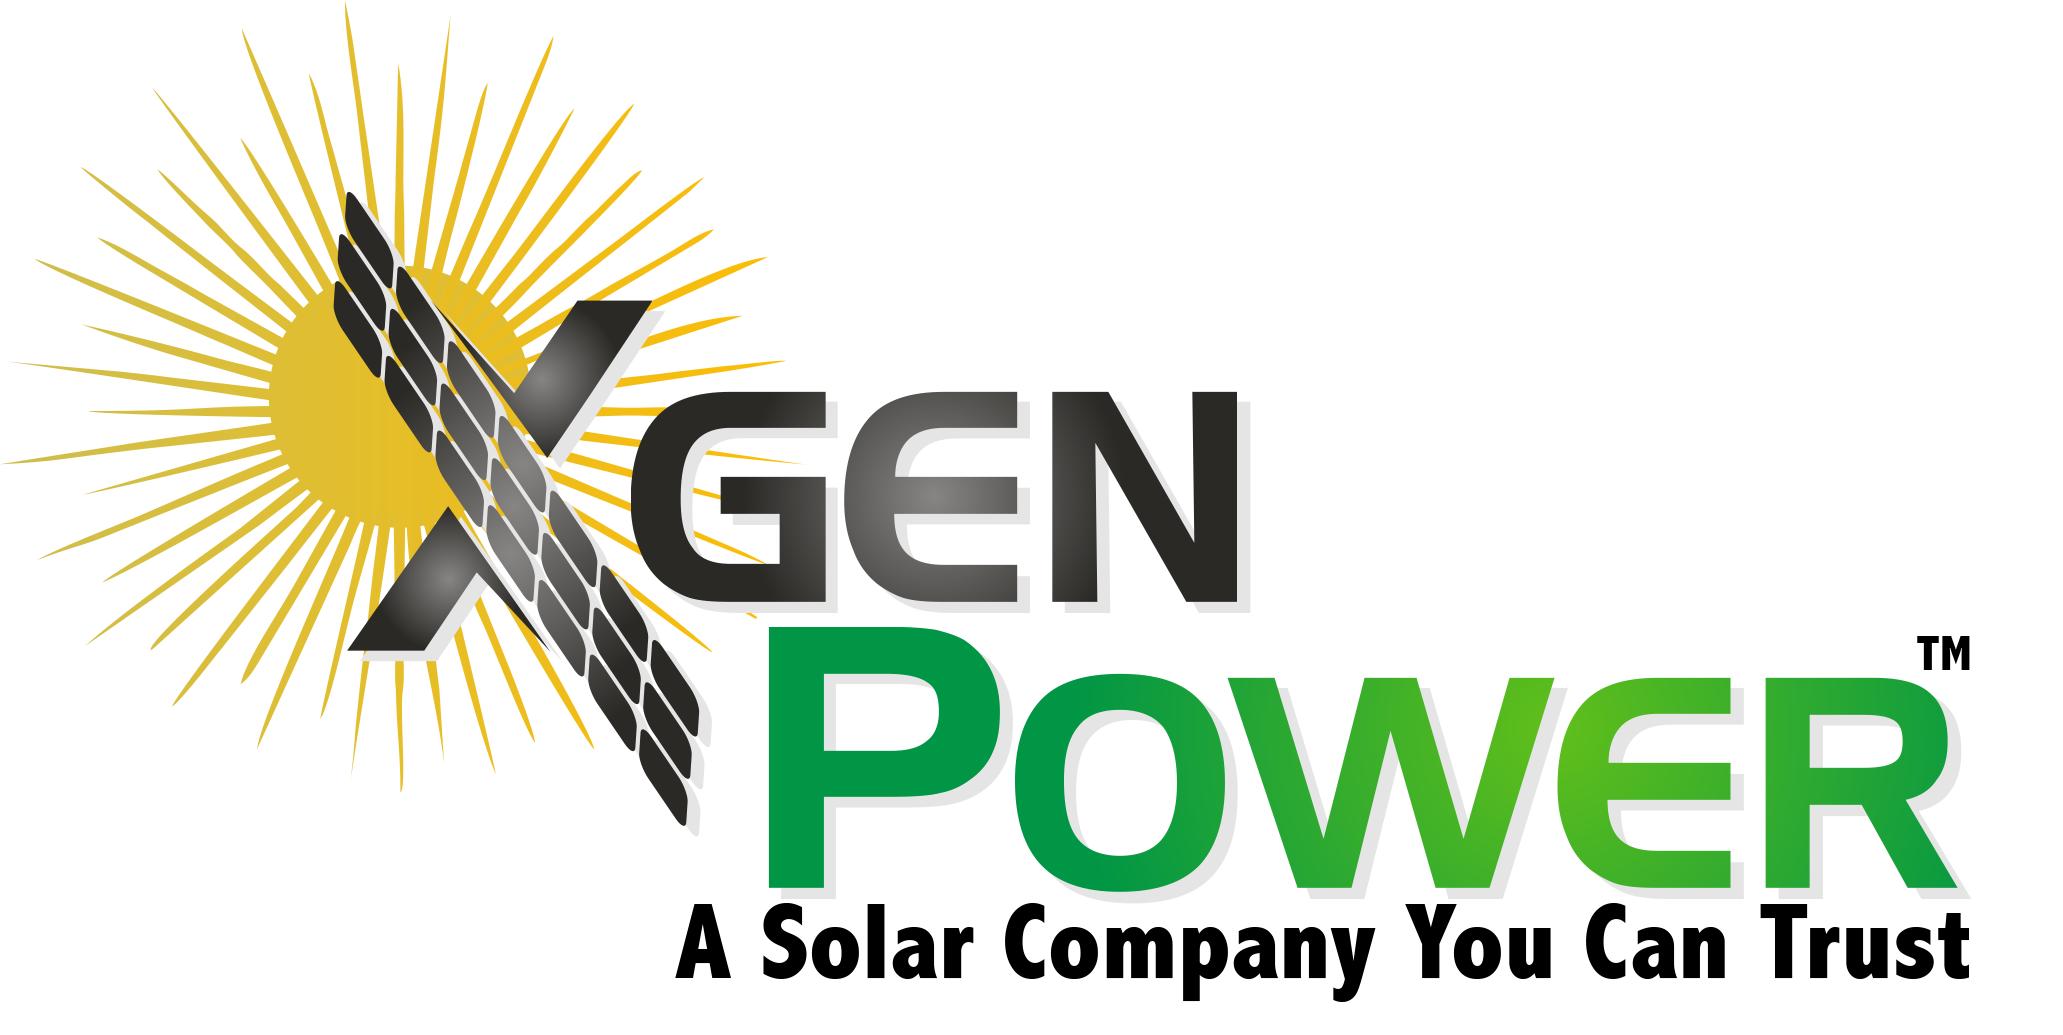 Xgen Power logo